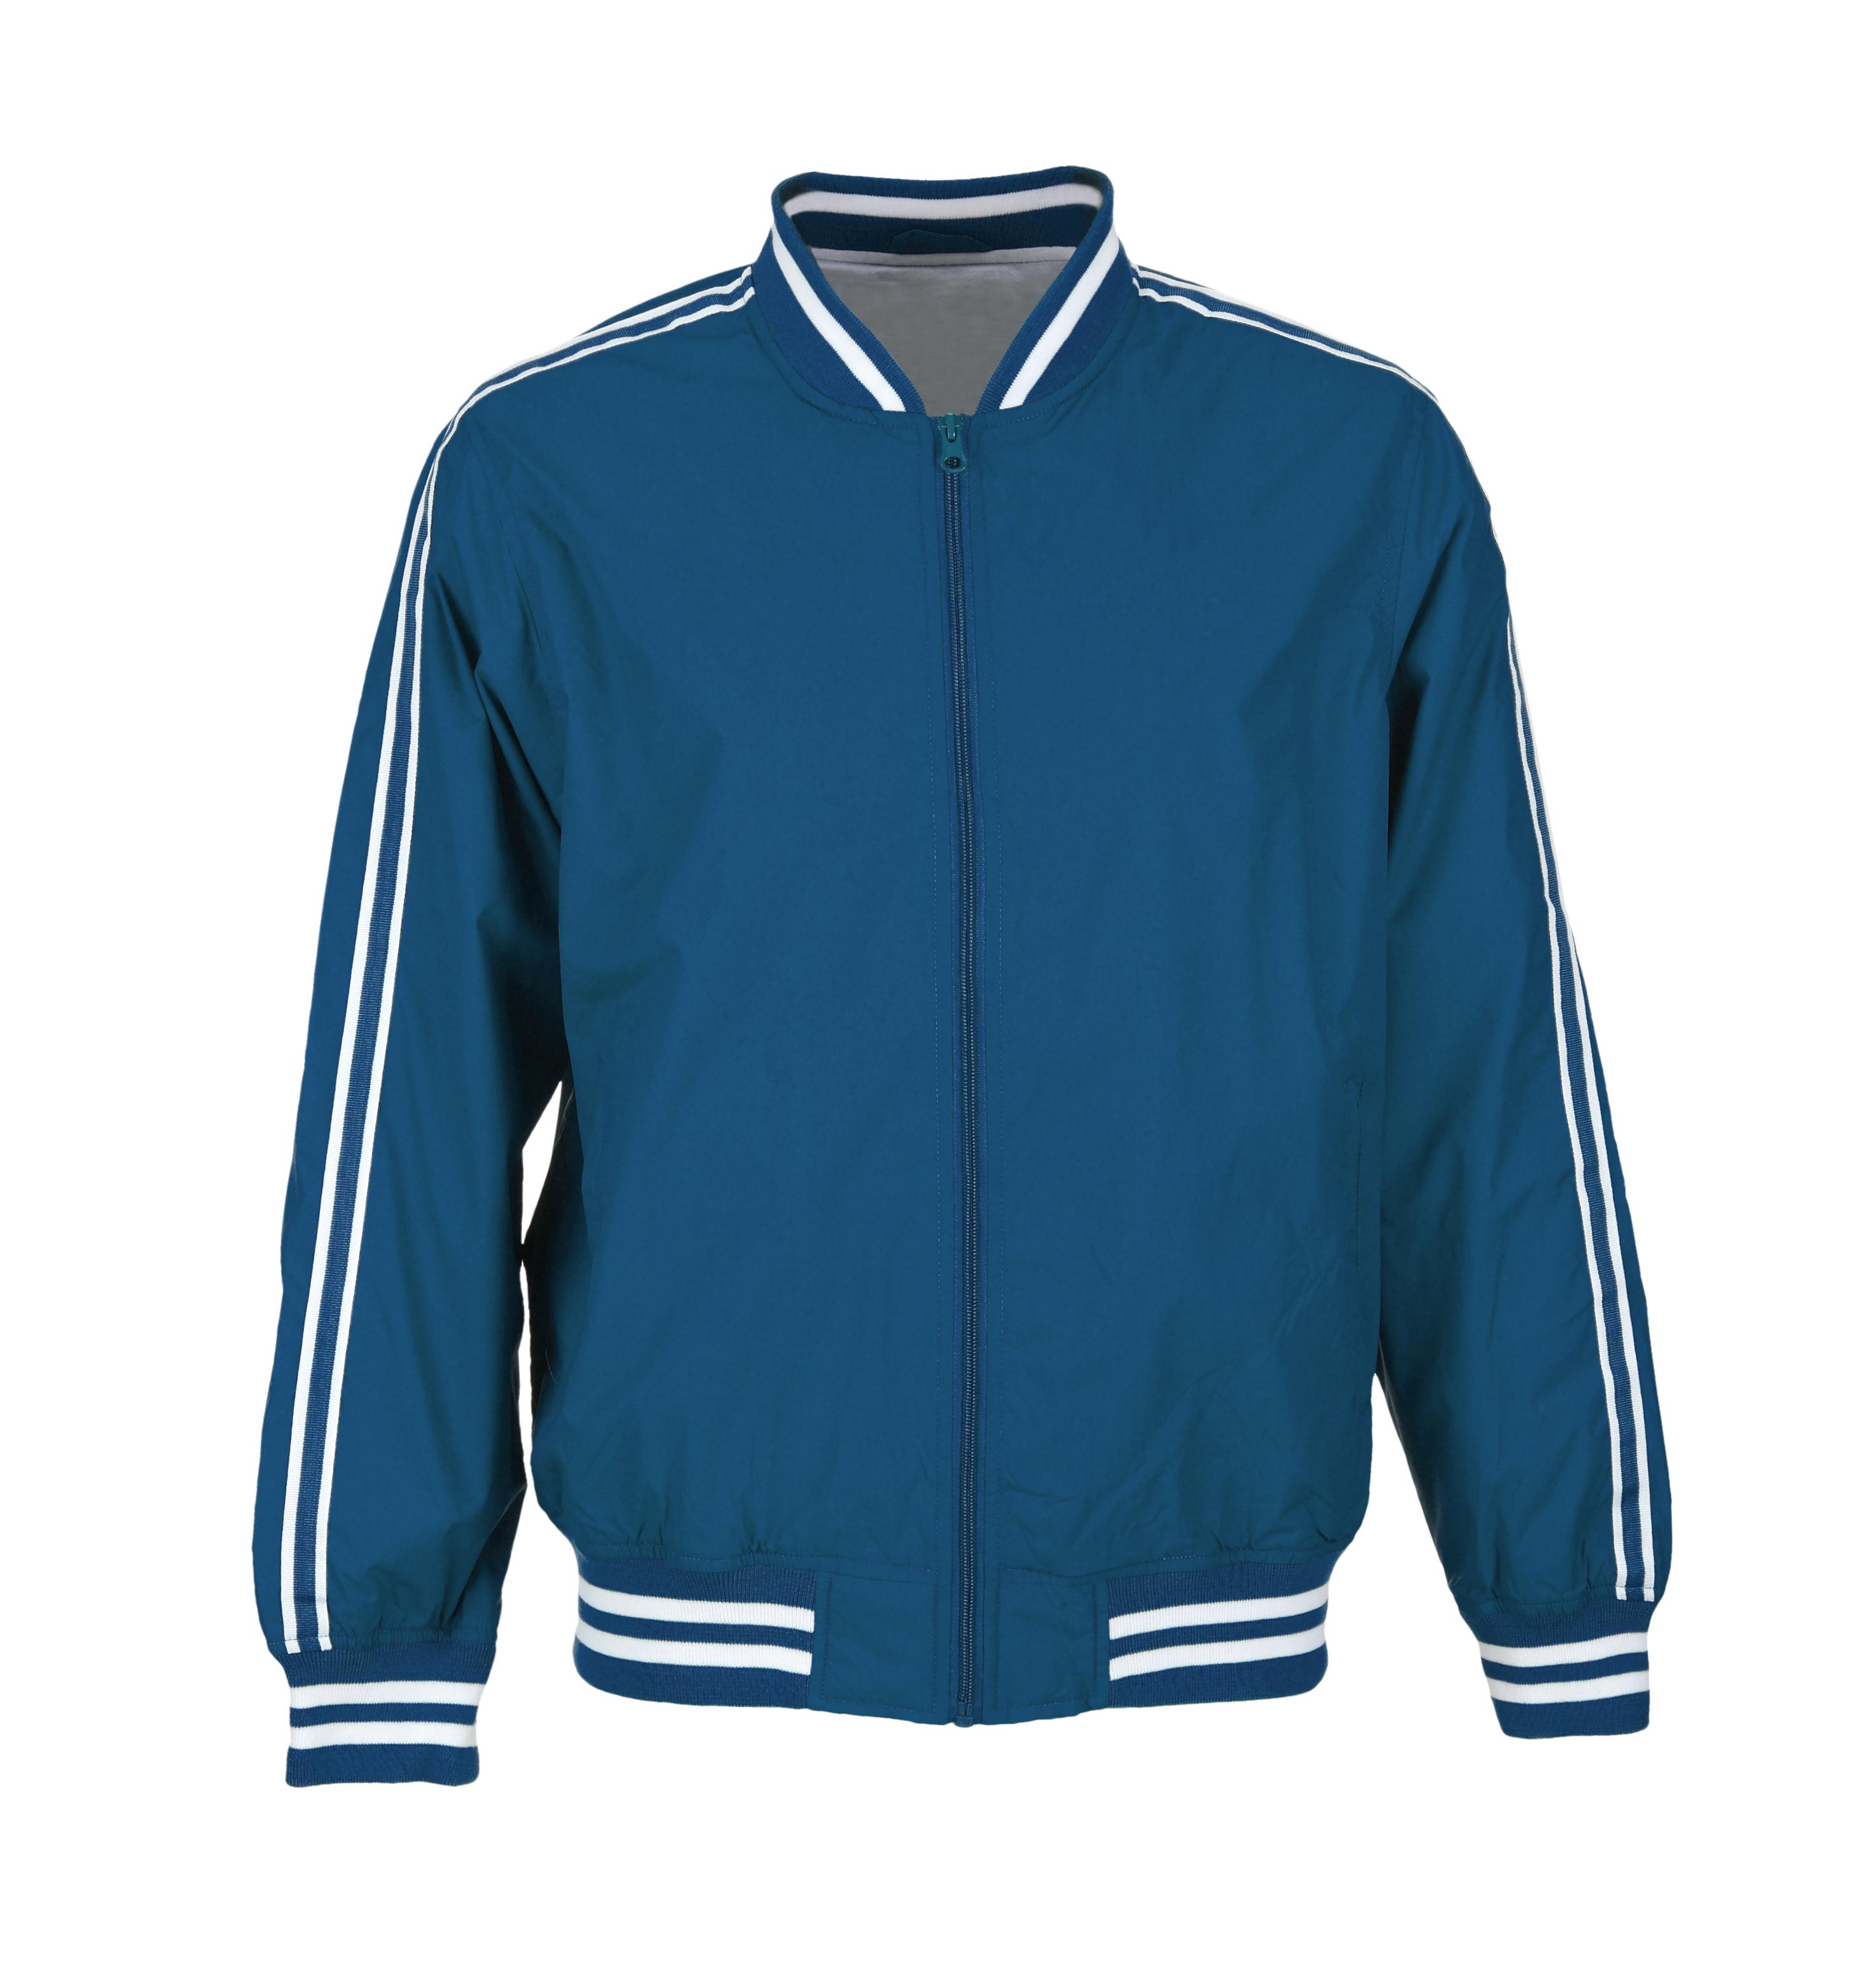 Custom made jackets (1)